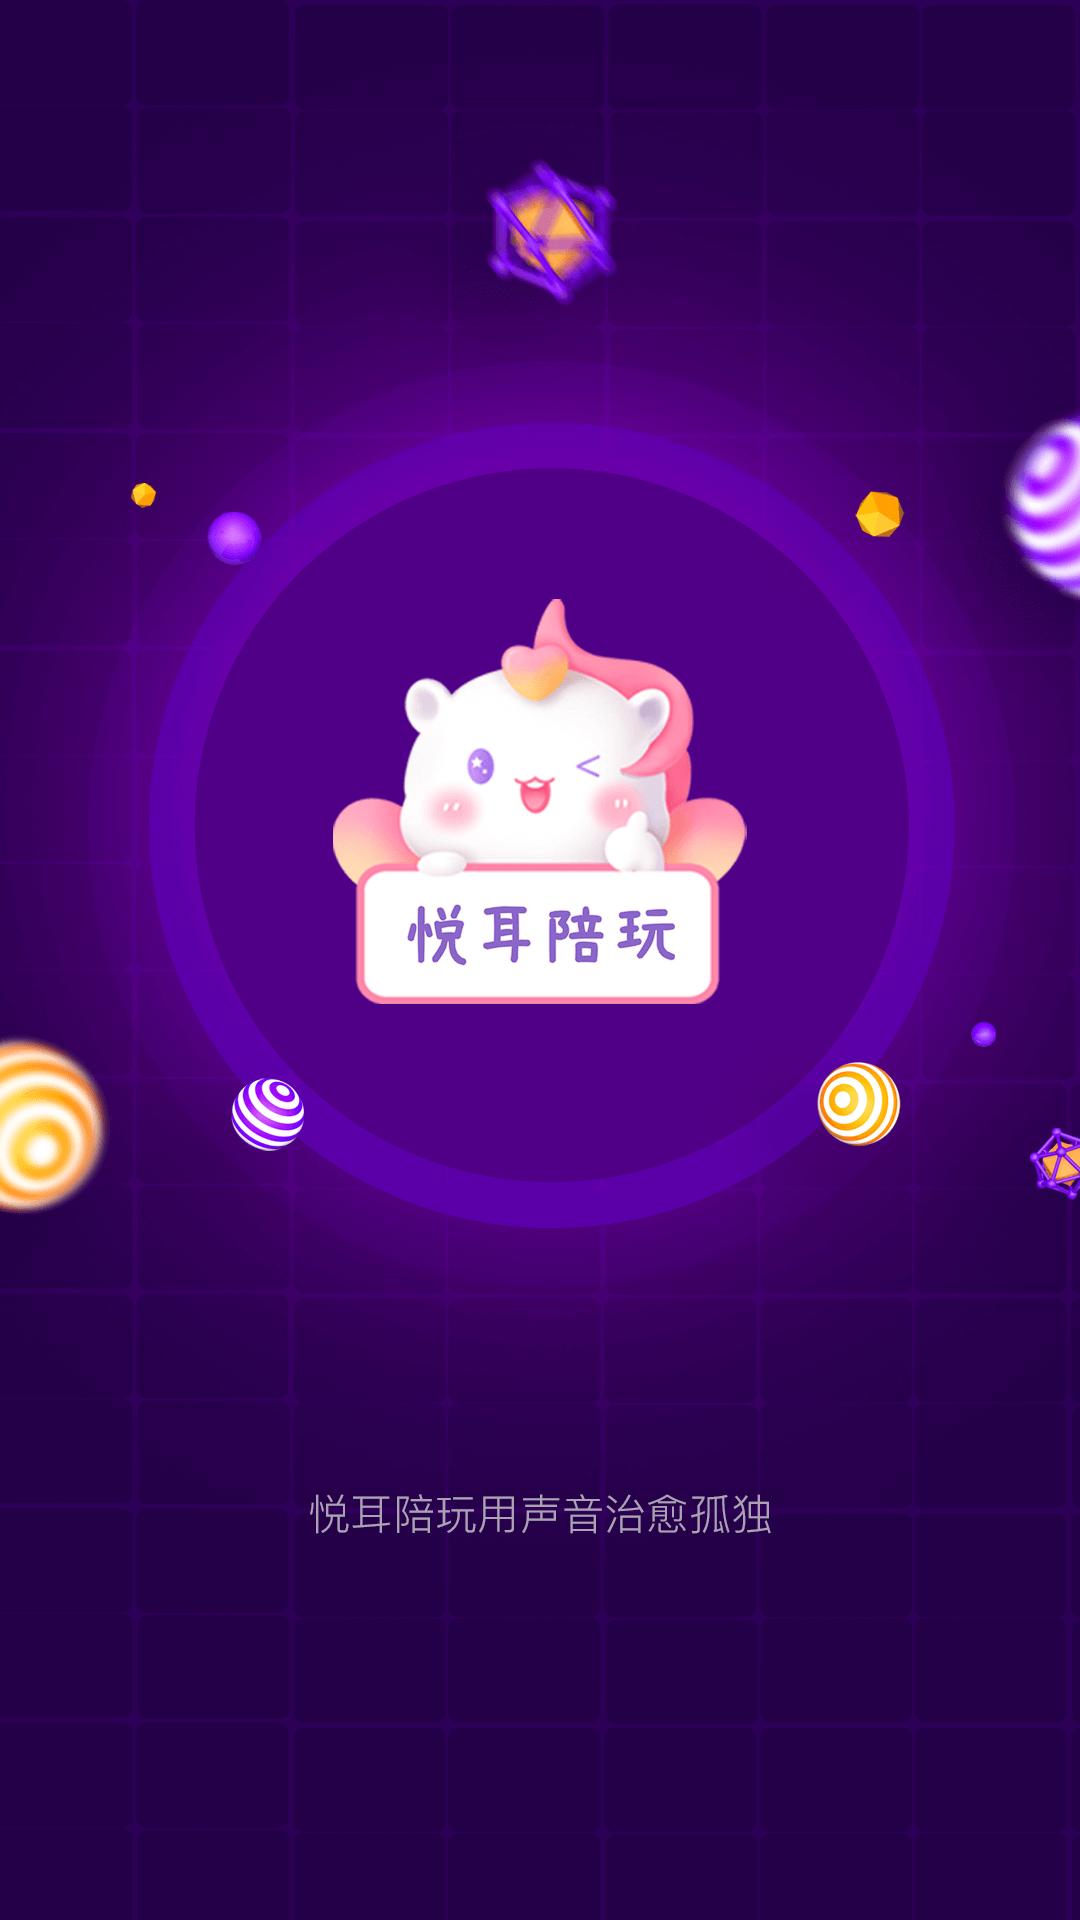 深圳APP开发,手机APP设计开发,深圳APP外包 - 一方盟科技公司官网